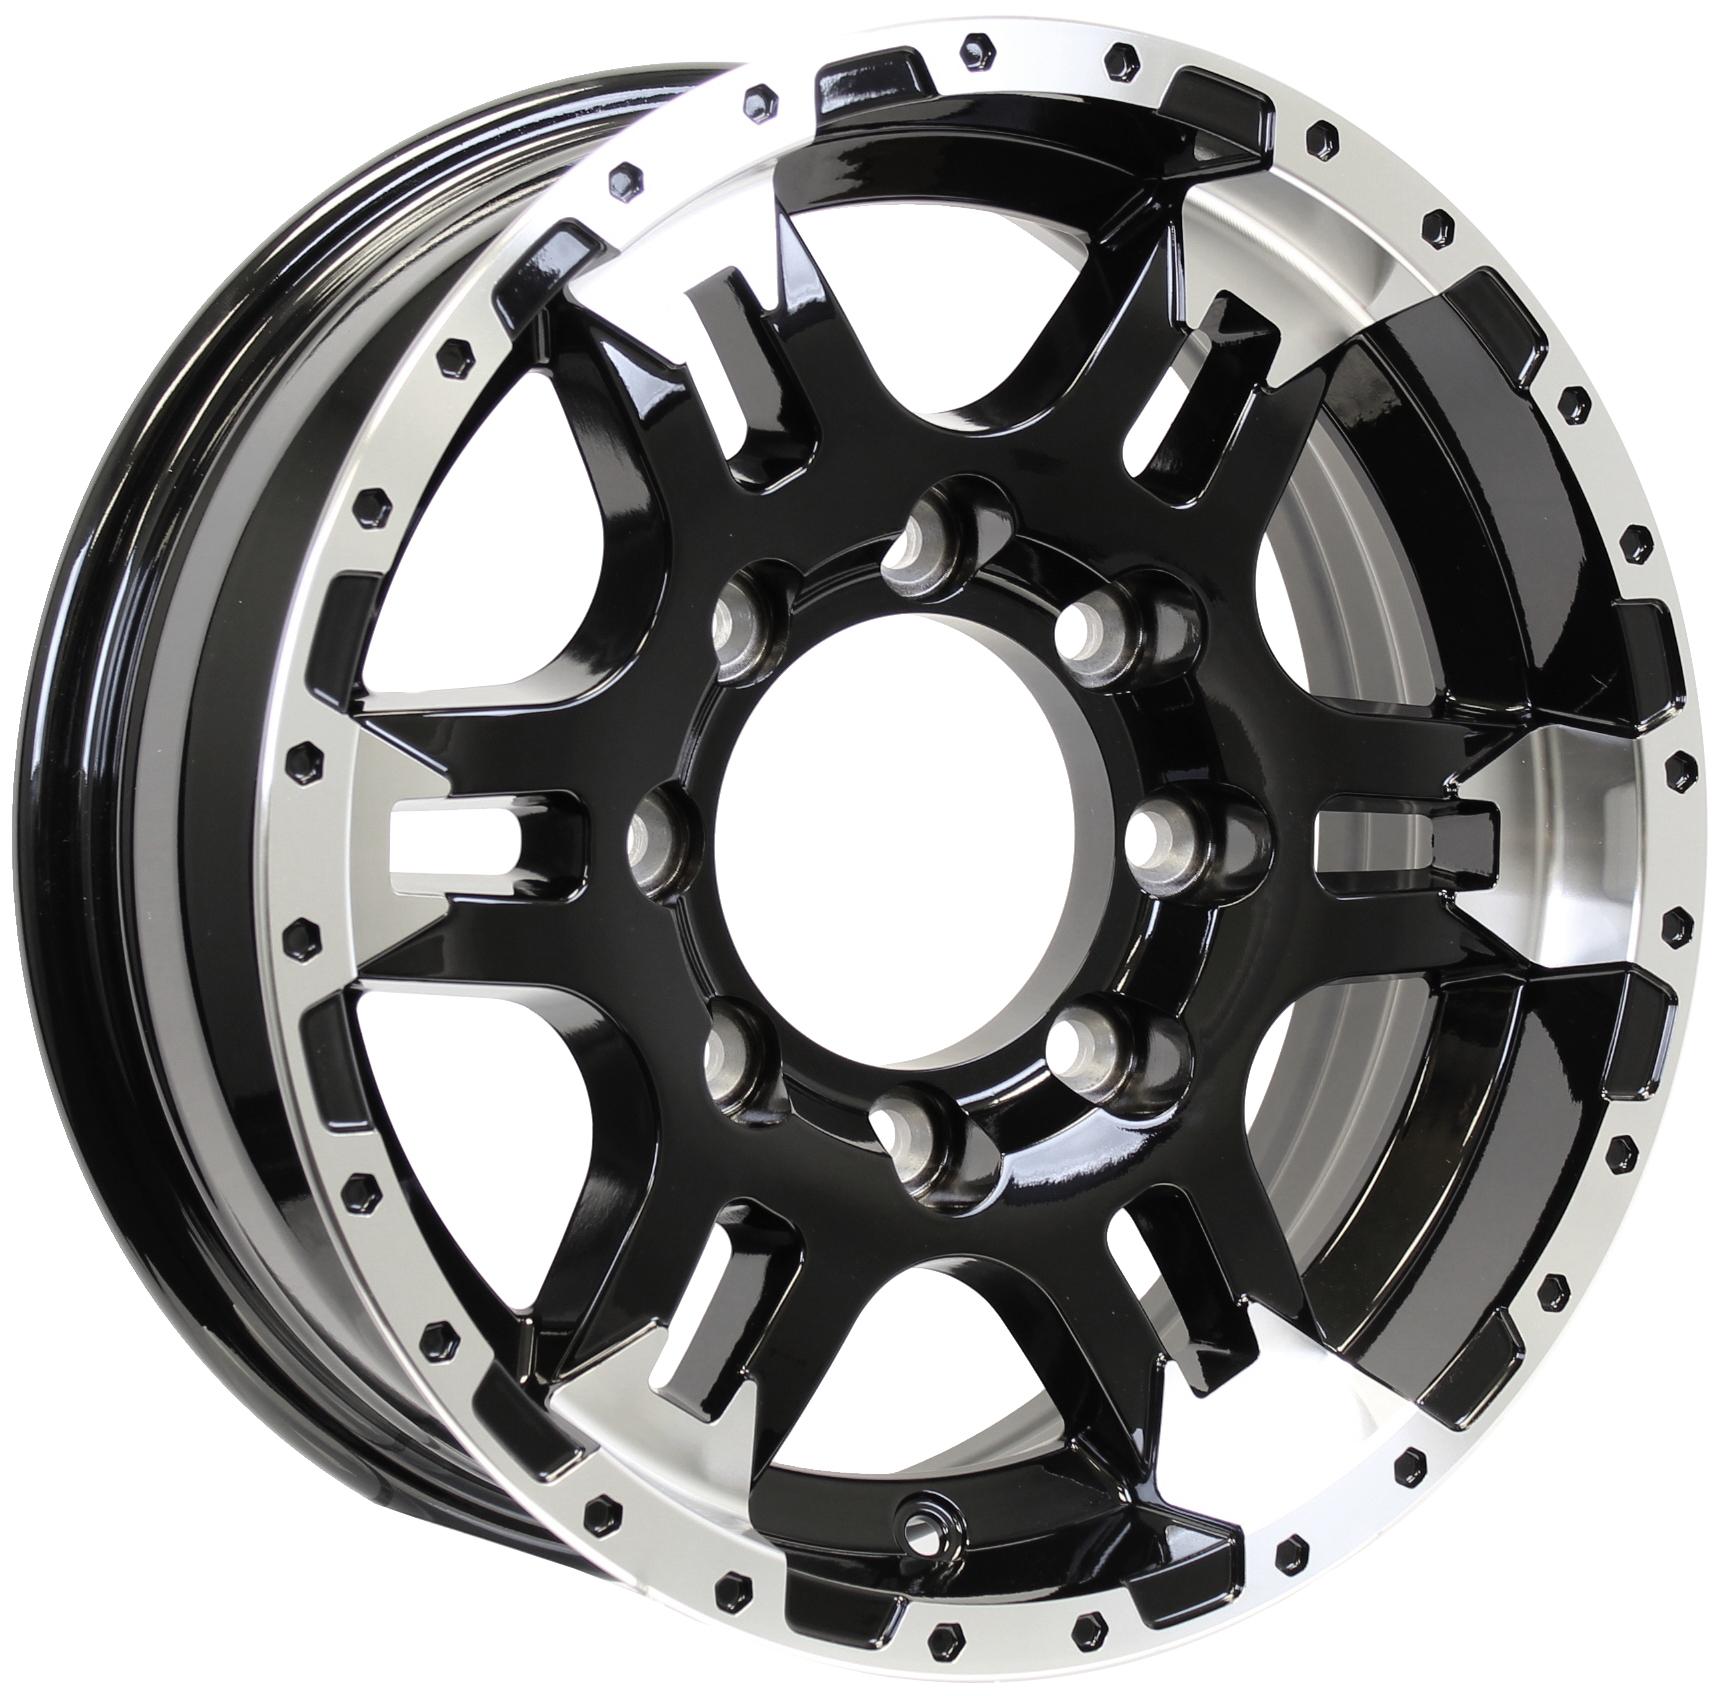 Turismo 16x6; 8-6.5 Black/Machine Aluminum Trailer Wheel Image